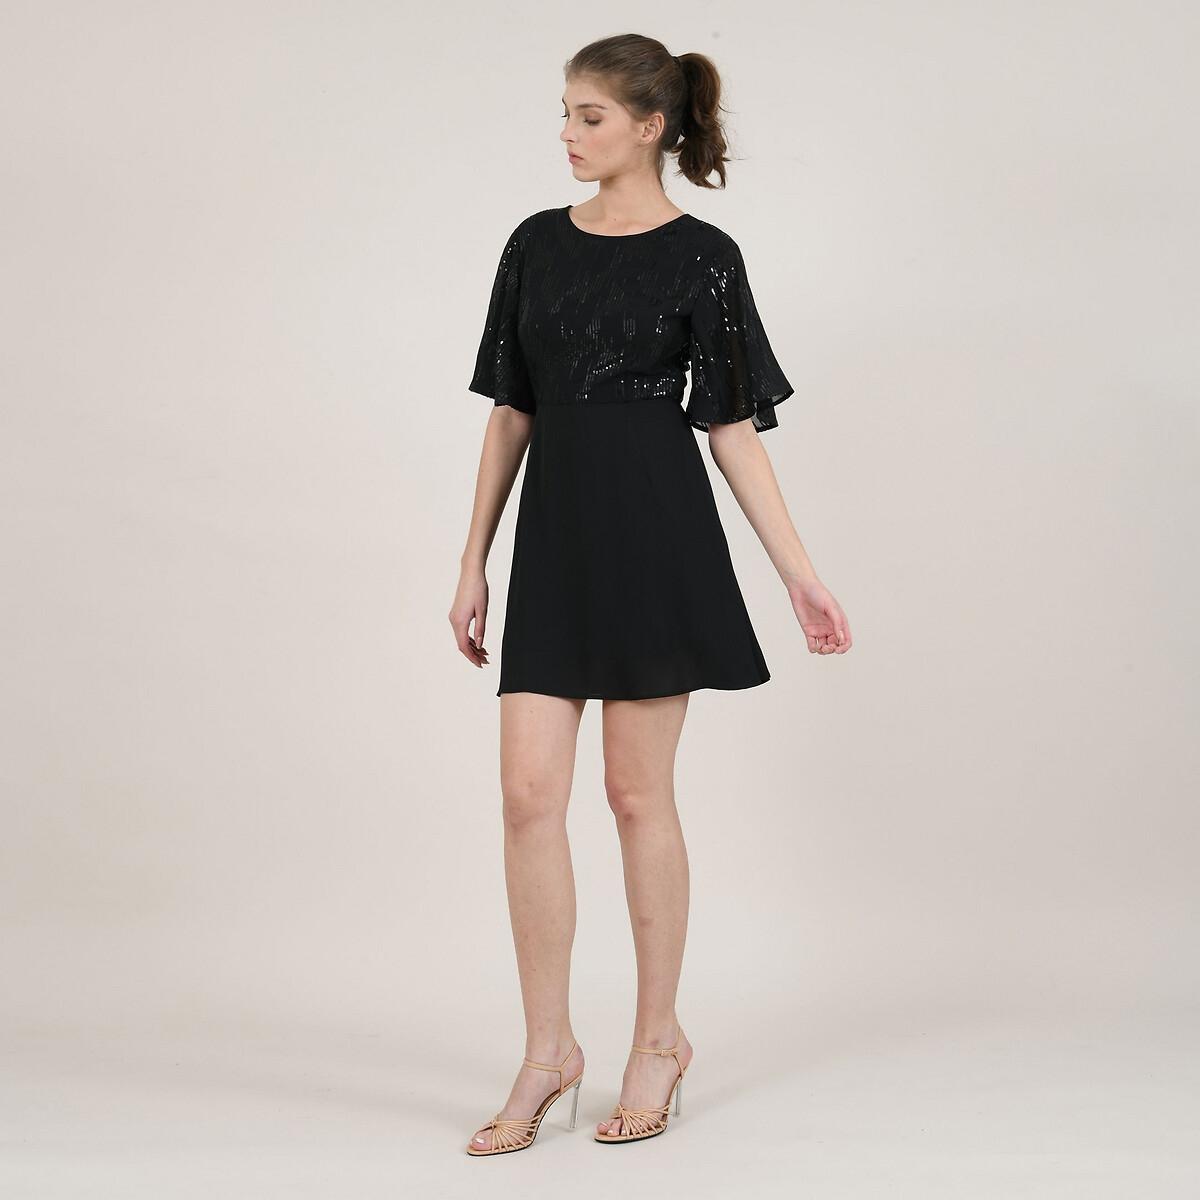 Платье La Redoute Короткое расклешенное с рукавами-воланами S черный